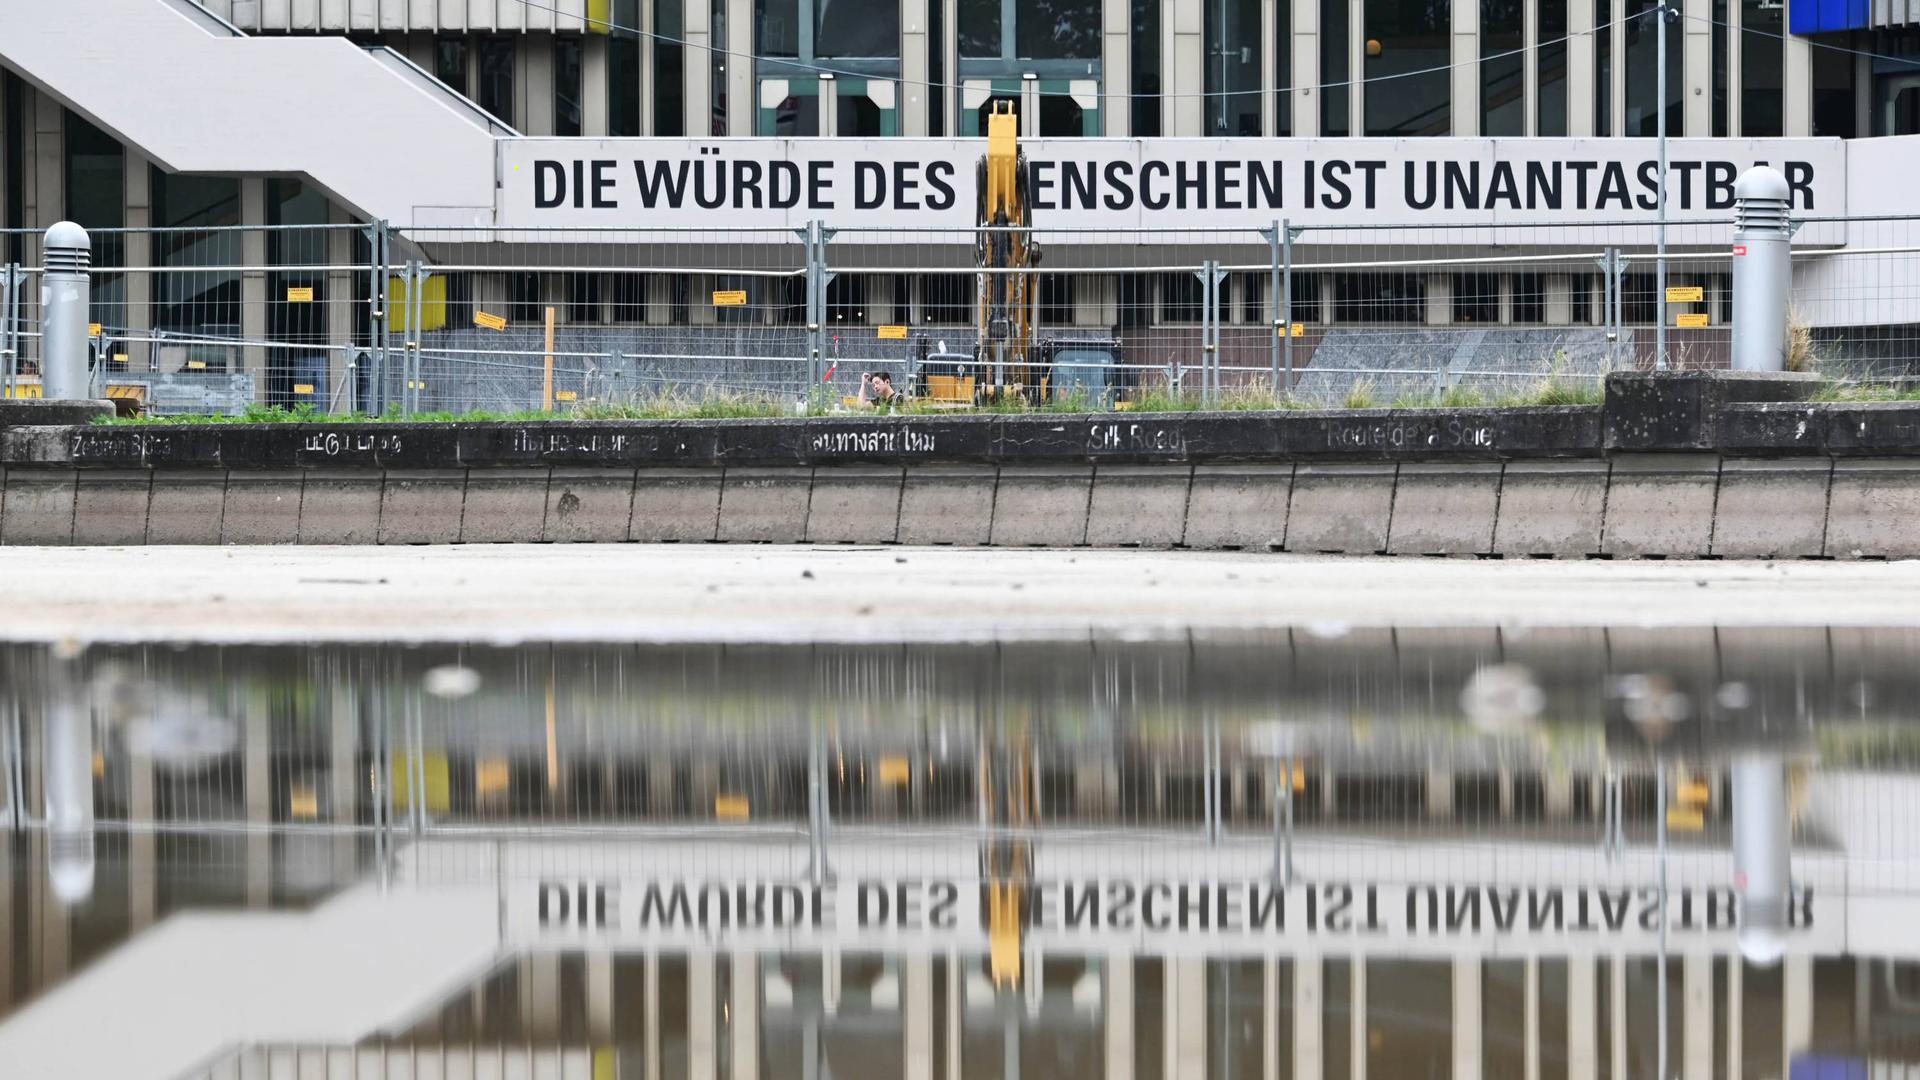 Wieder wird Kritik laut: Das Badische Staatstheater hatte nach dem Bekanntwerden von Belästigungsvorwürfen interne Untersuchungen eingeleitet.